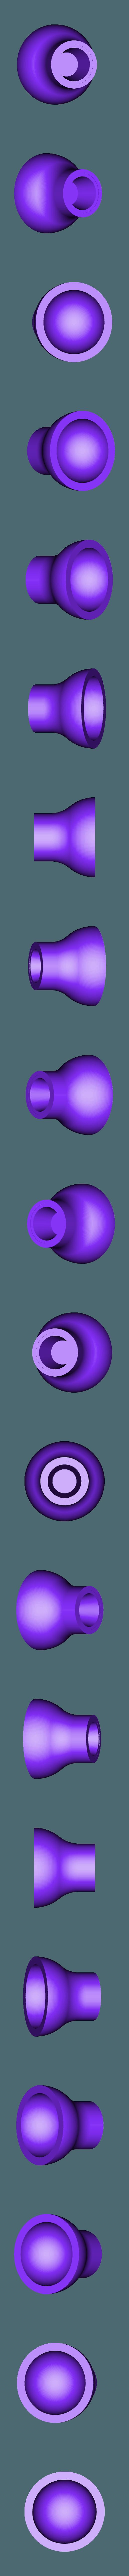 ender_5_plus_feet.stl Télécharger fichier STL gratuit Creality Ender 5 plus pieds d'imprimante Squash Ball • Plan imprimable en 3D, Jangie